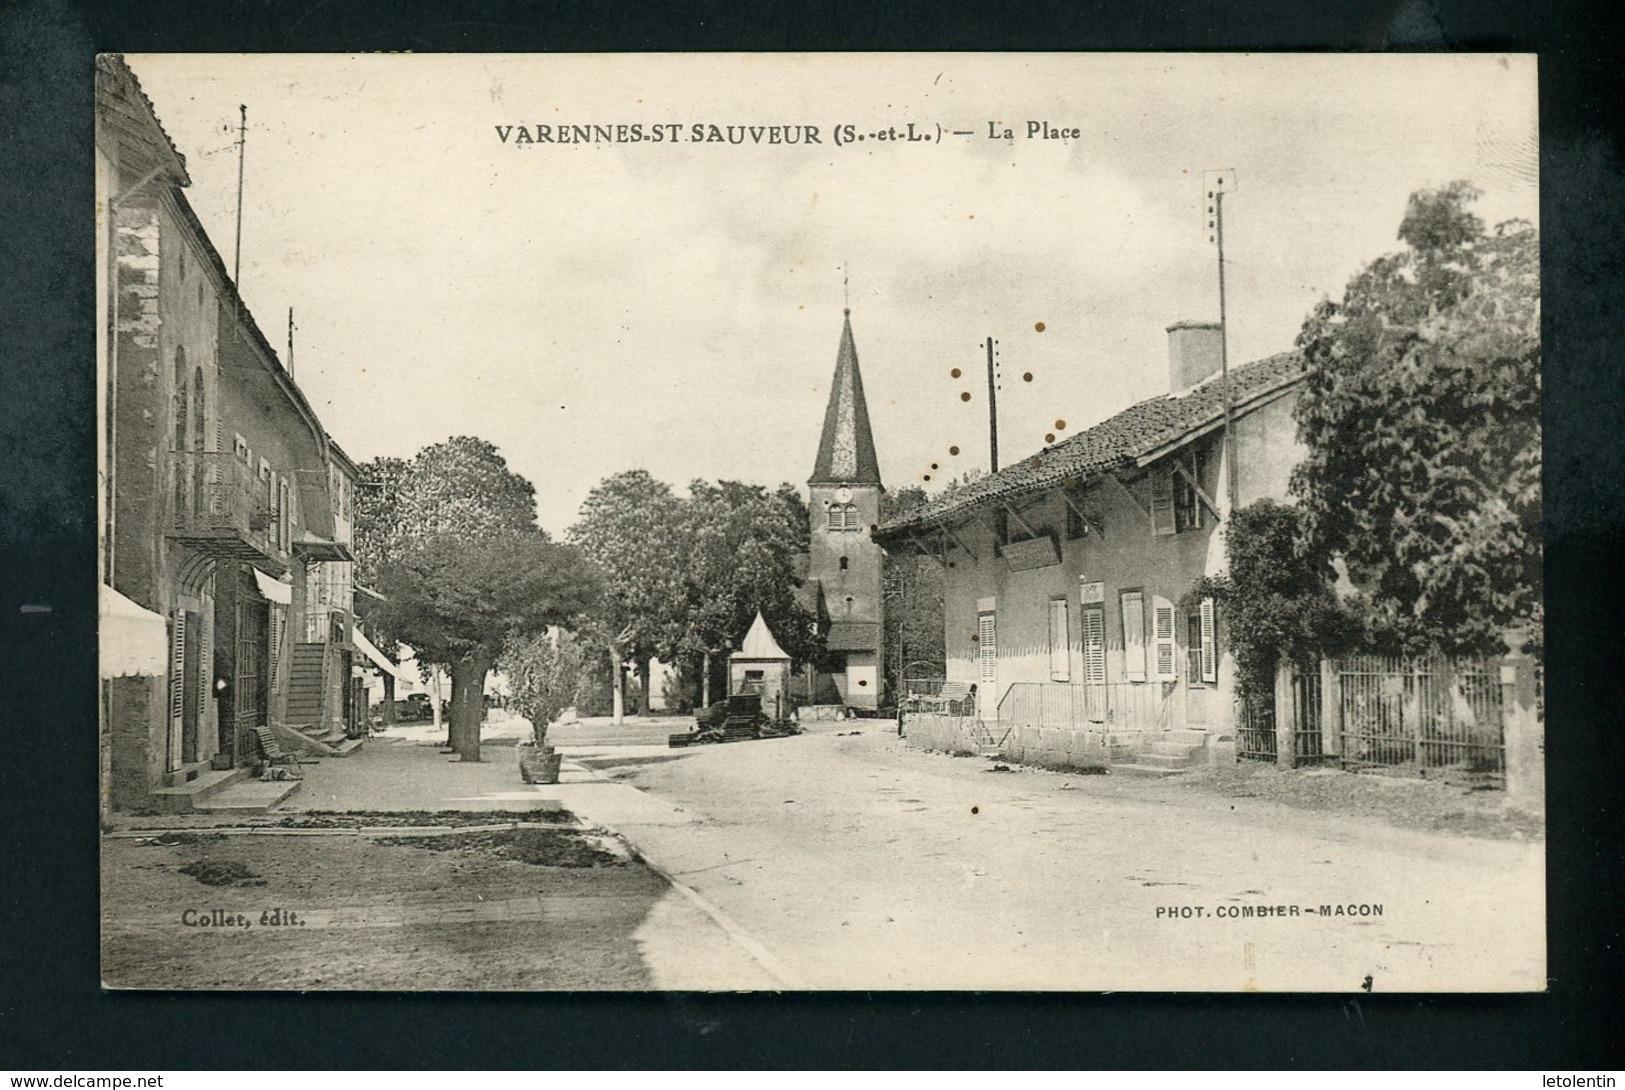 CPA: 71 - VARENNES-St-SAUVEUR - LA PLACE - France